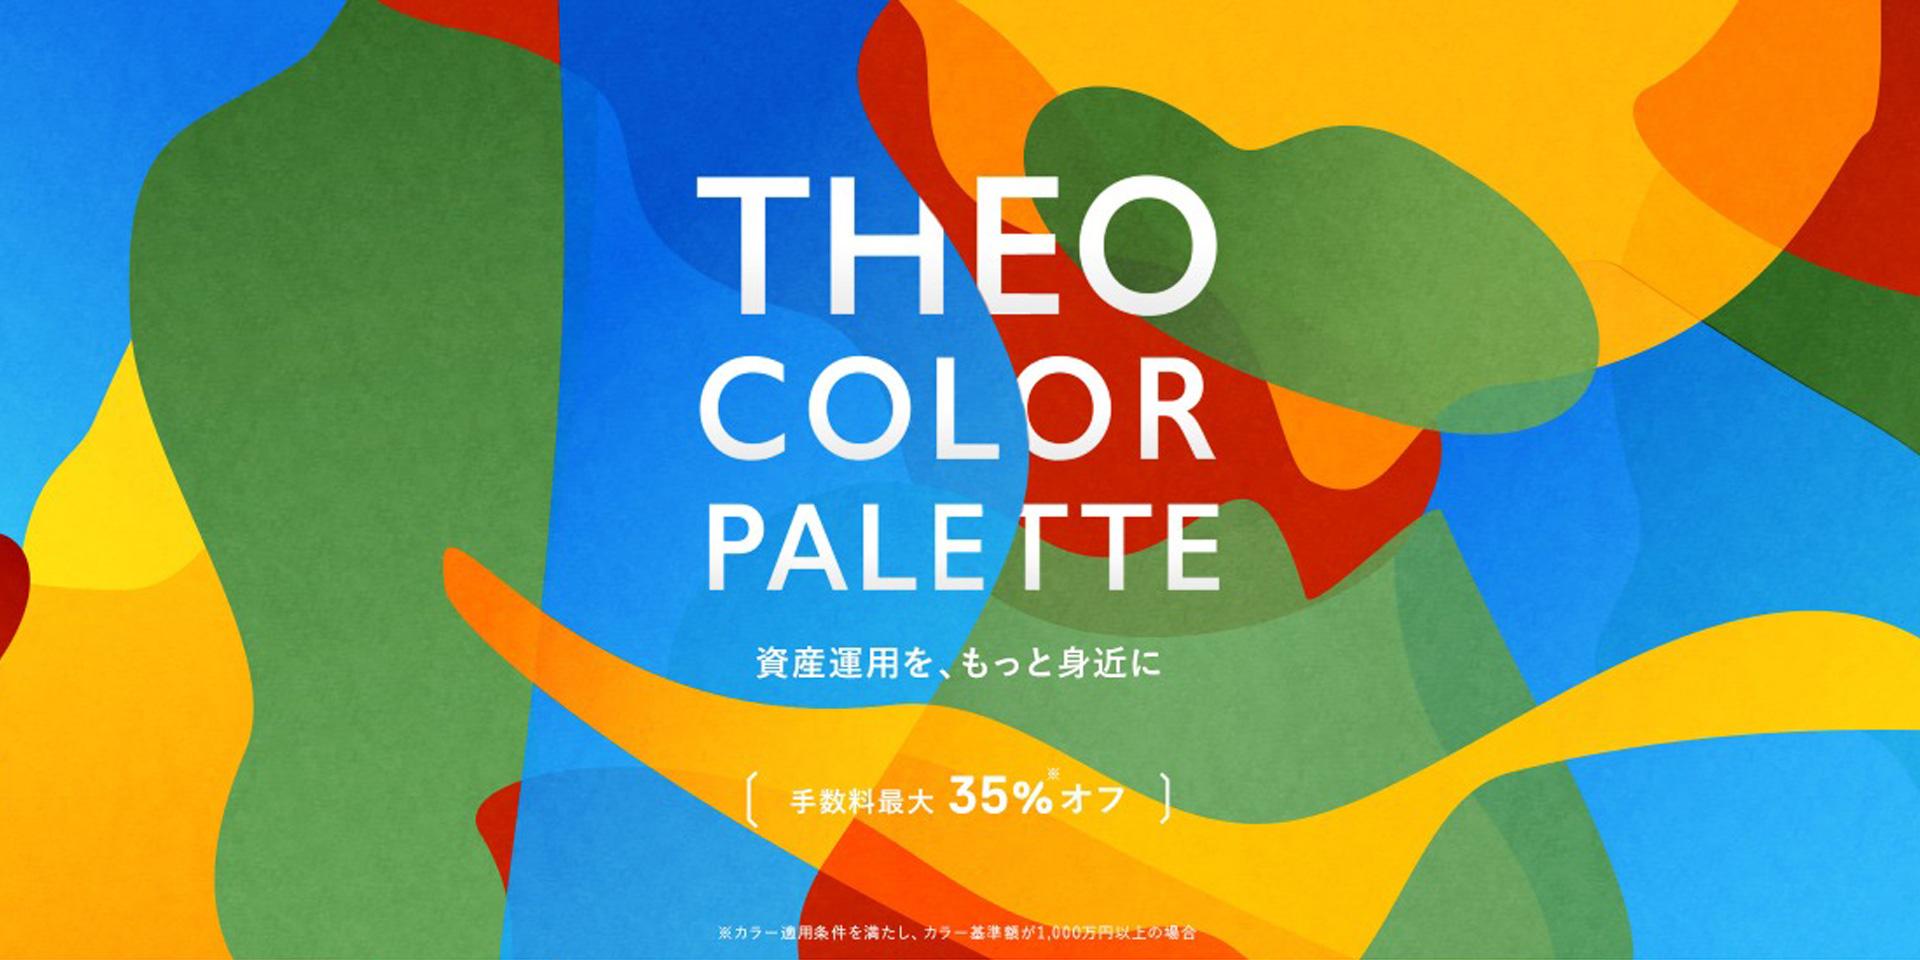 THEO Color Palette(テオカラーパレット)とは?手数料体系や適用条件について解説!